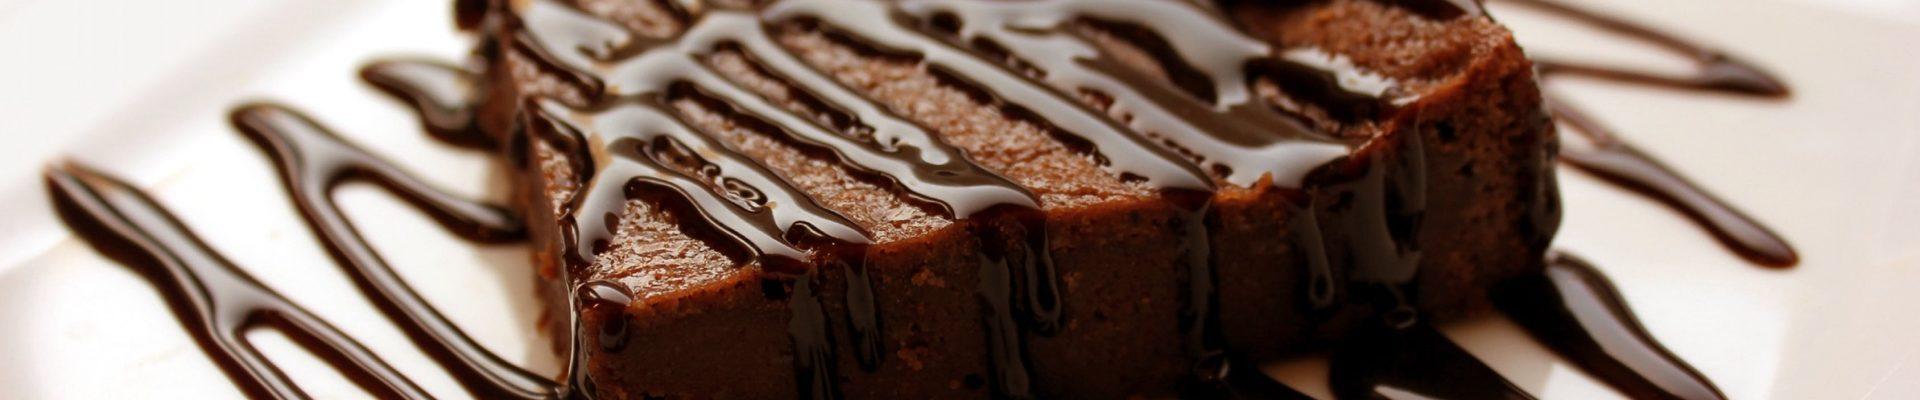 Recept: Super jednostavne i ukusne kakao kocke